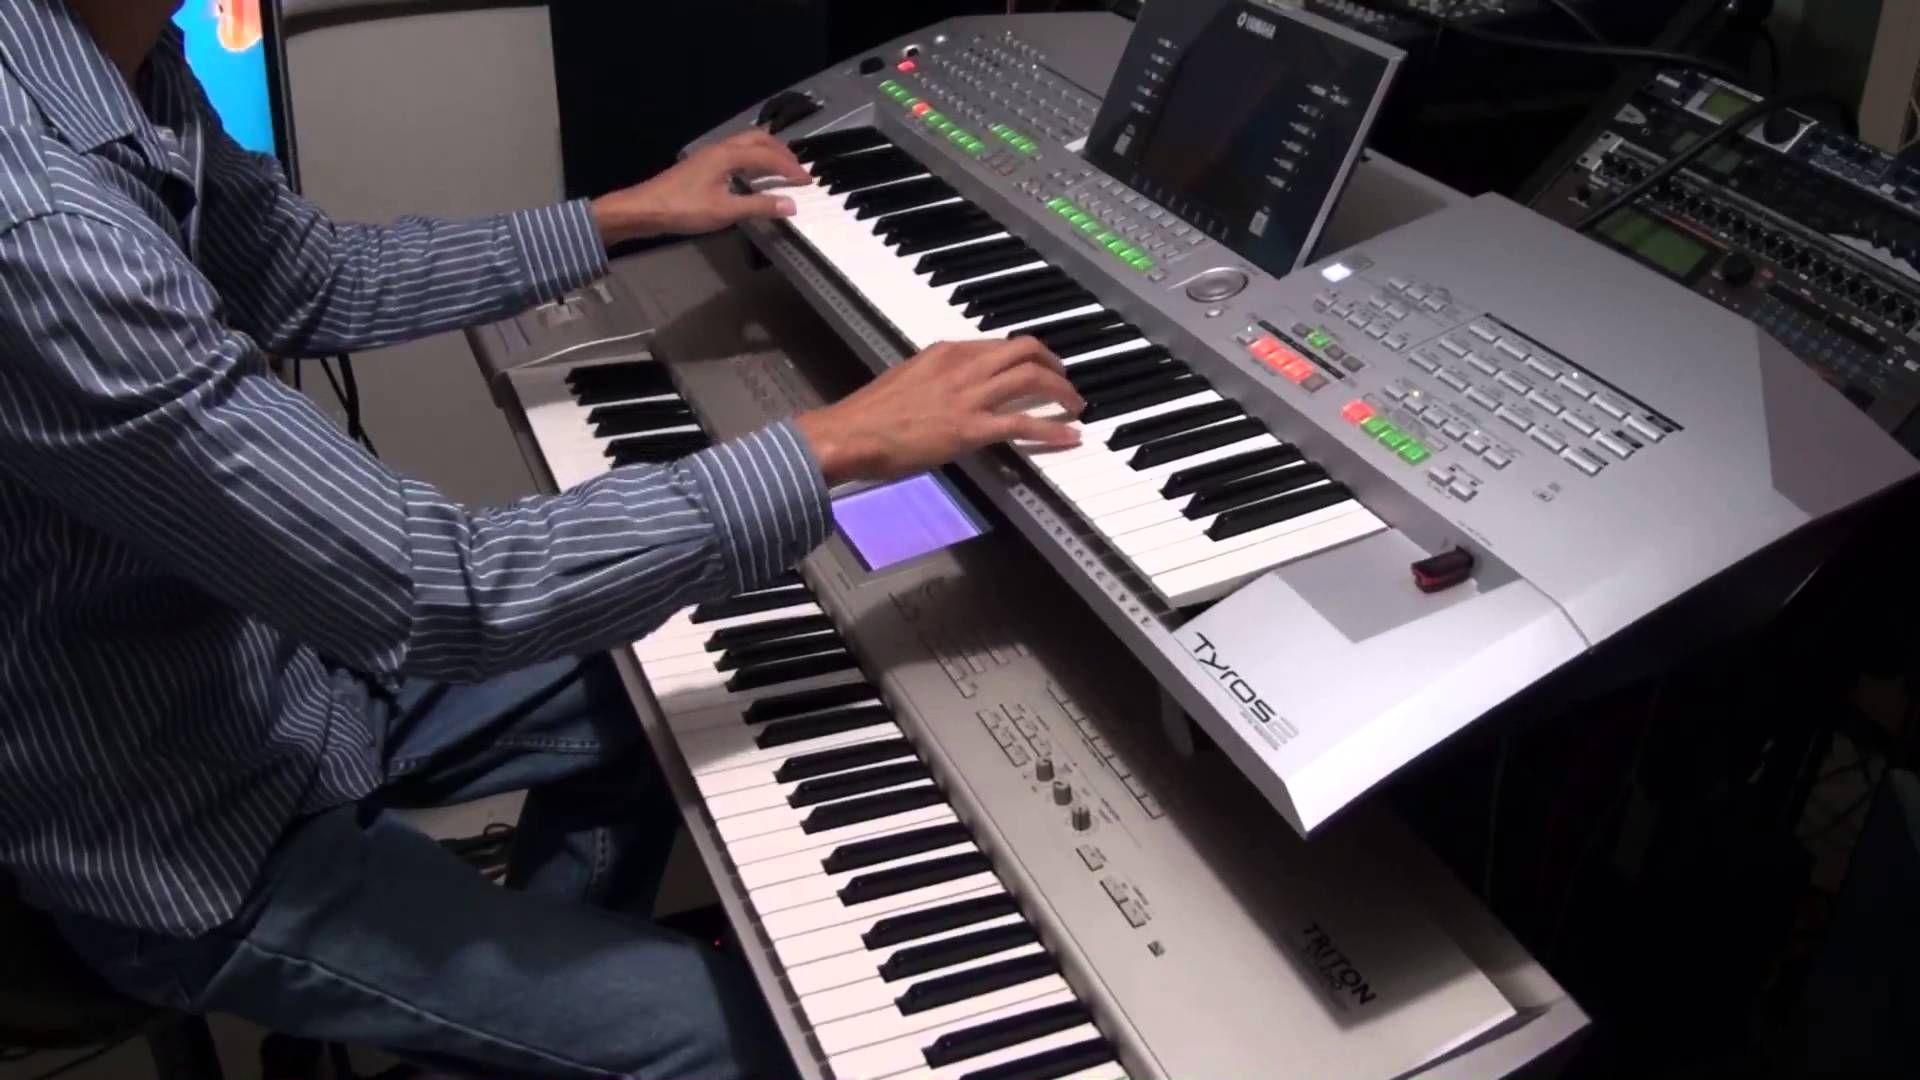 Besame Mucho - Yamaha Tyros 2 and Korg Triton Studio | PIANO